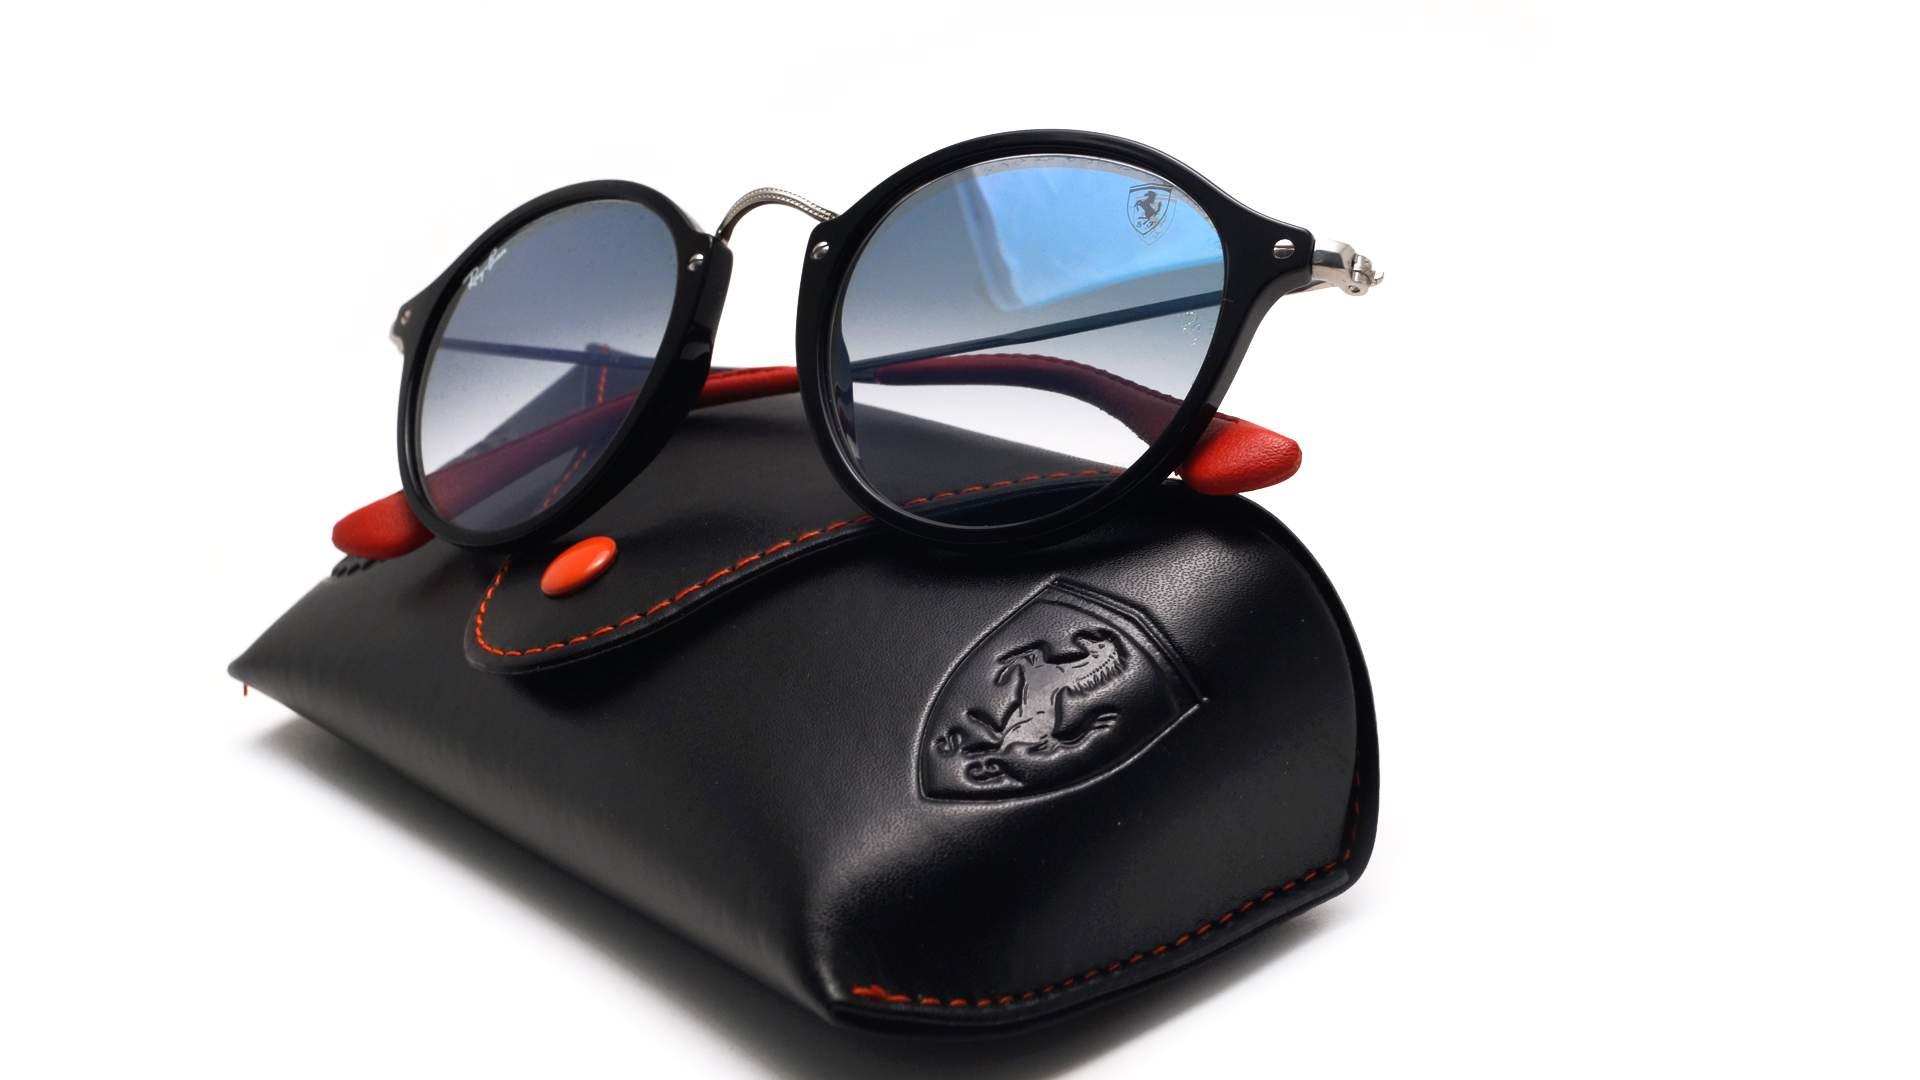 983e44eda7 Sunglasses Ray-Ban Round Scuderia Ferrari Black RB2447NM F601 3F 49-21  Medium Gradient